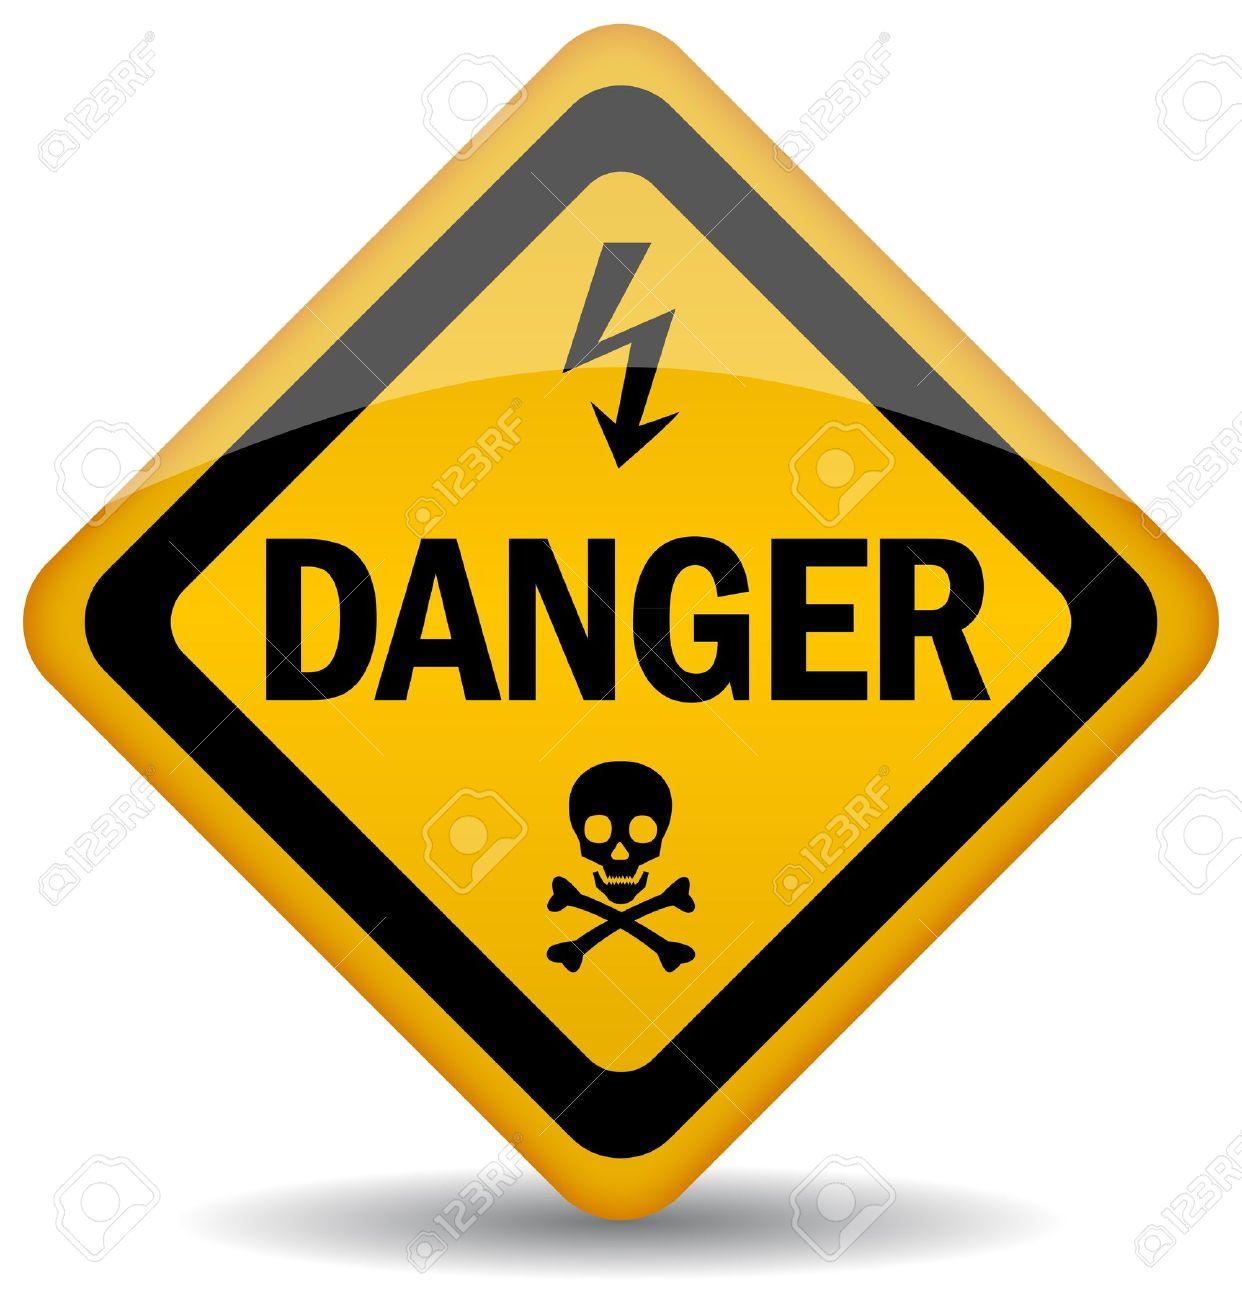 danger warning sign Stock Vector - 10428472